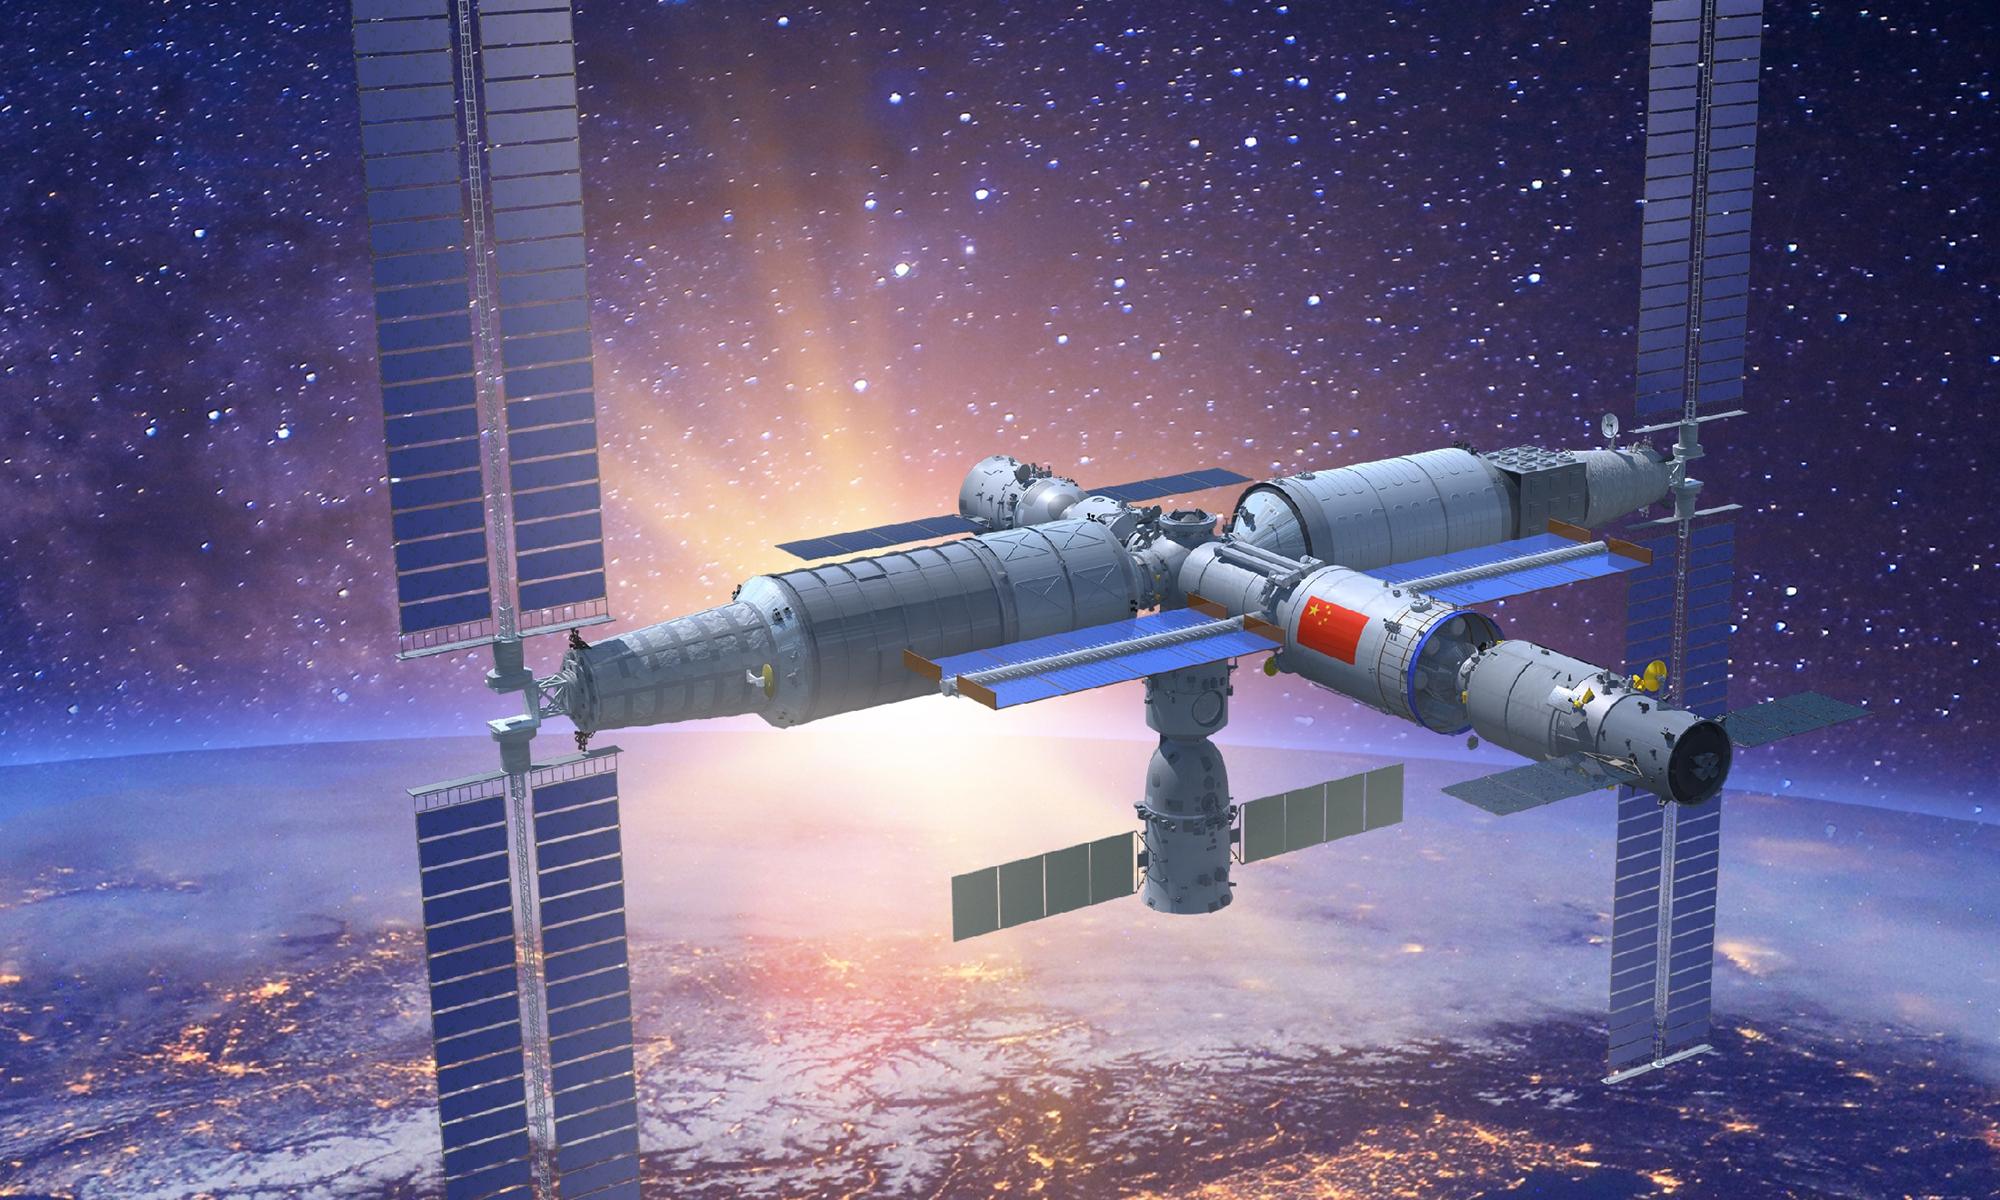 Çin kosmik stansiya inşa etməyə hazırlaşır